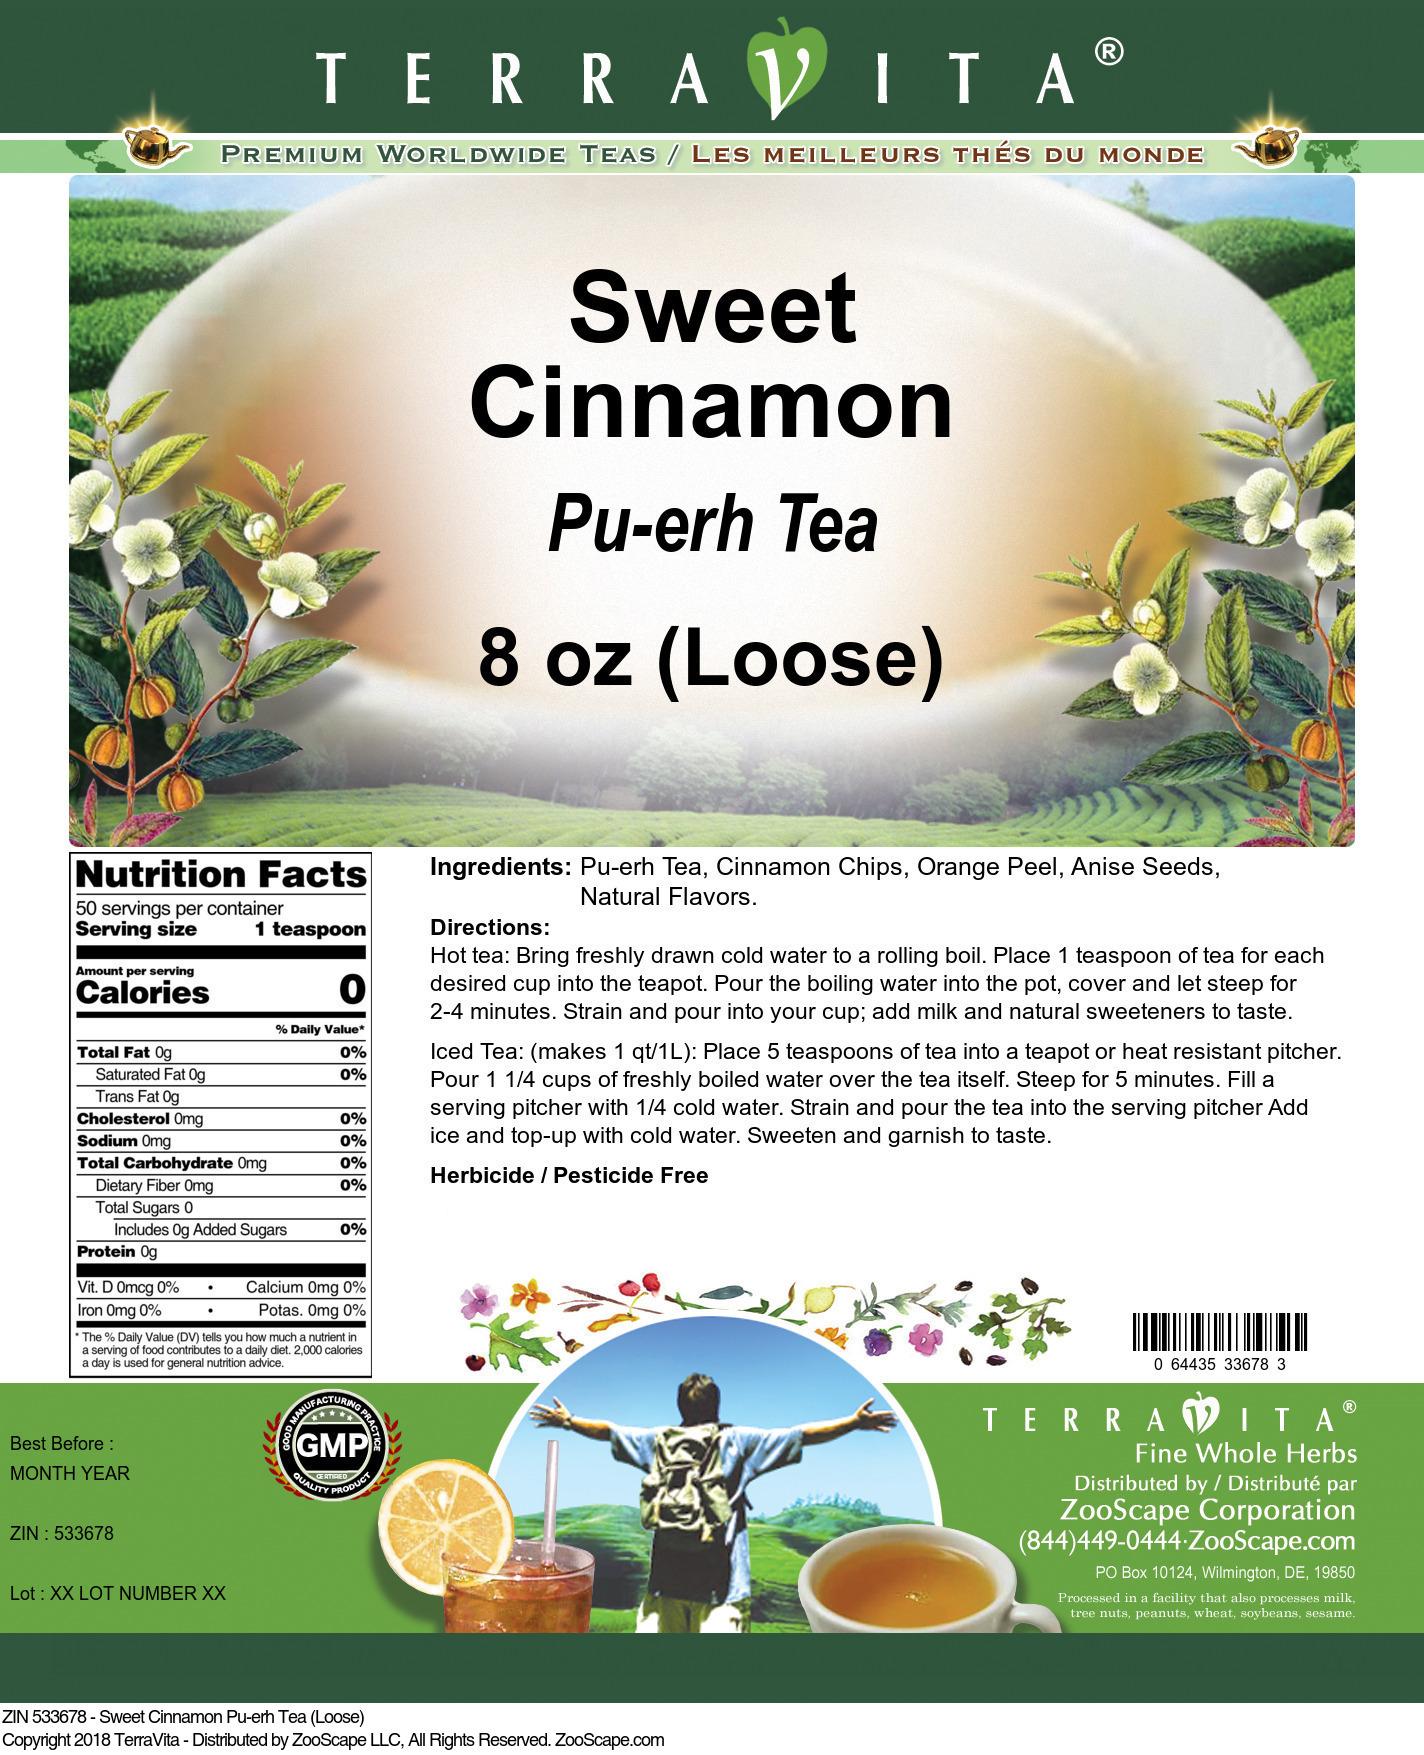 Sweet Cinnamon Pu-erh Tea (Loose)